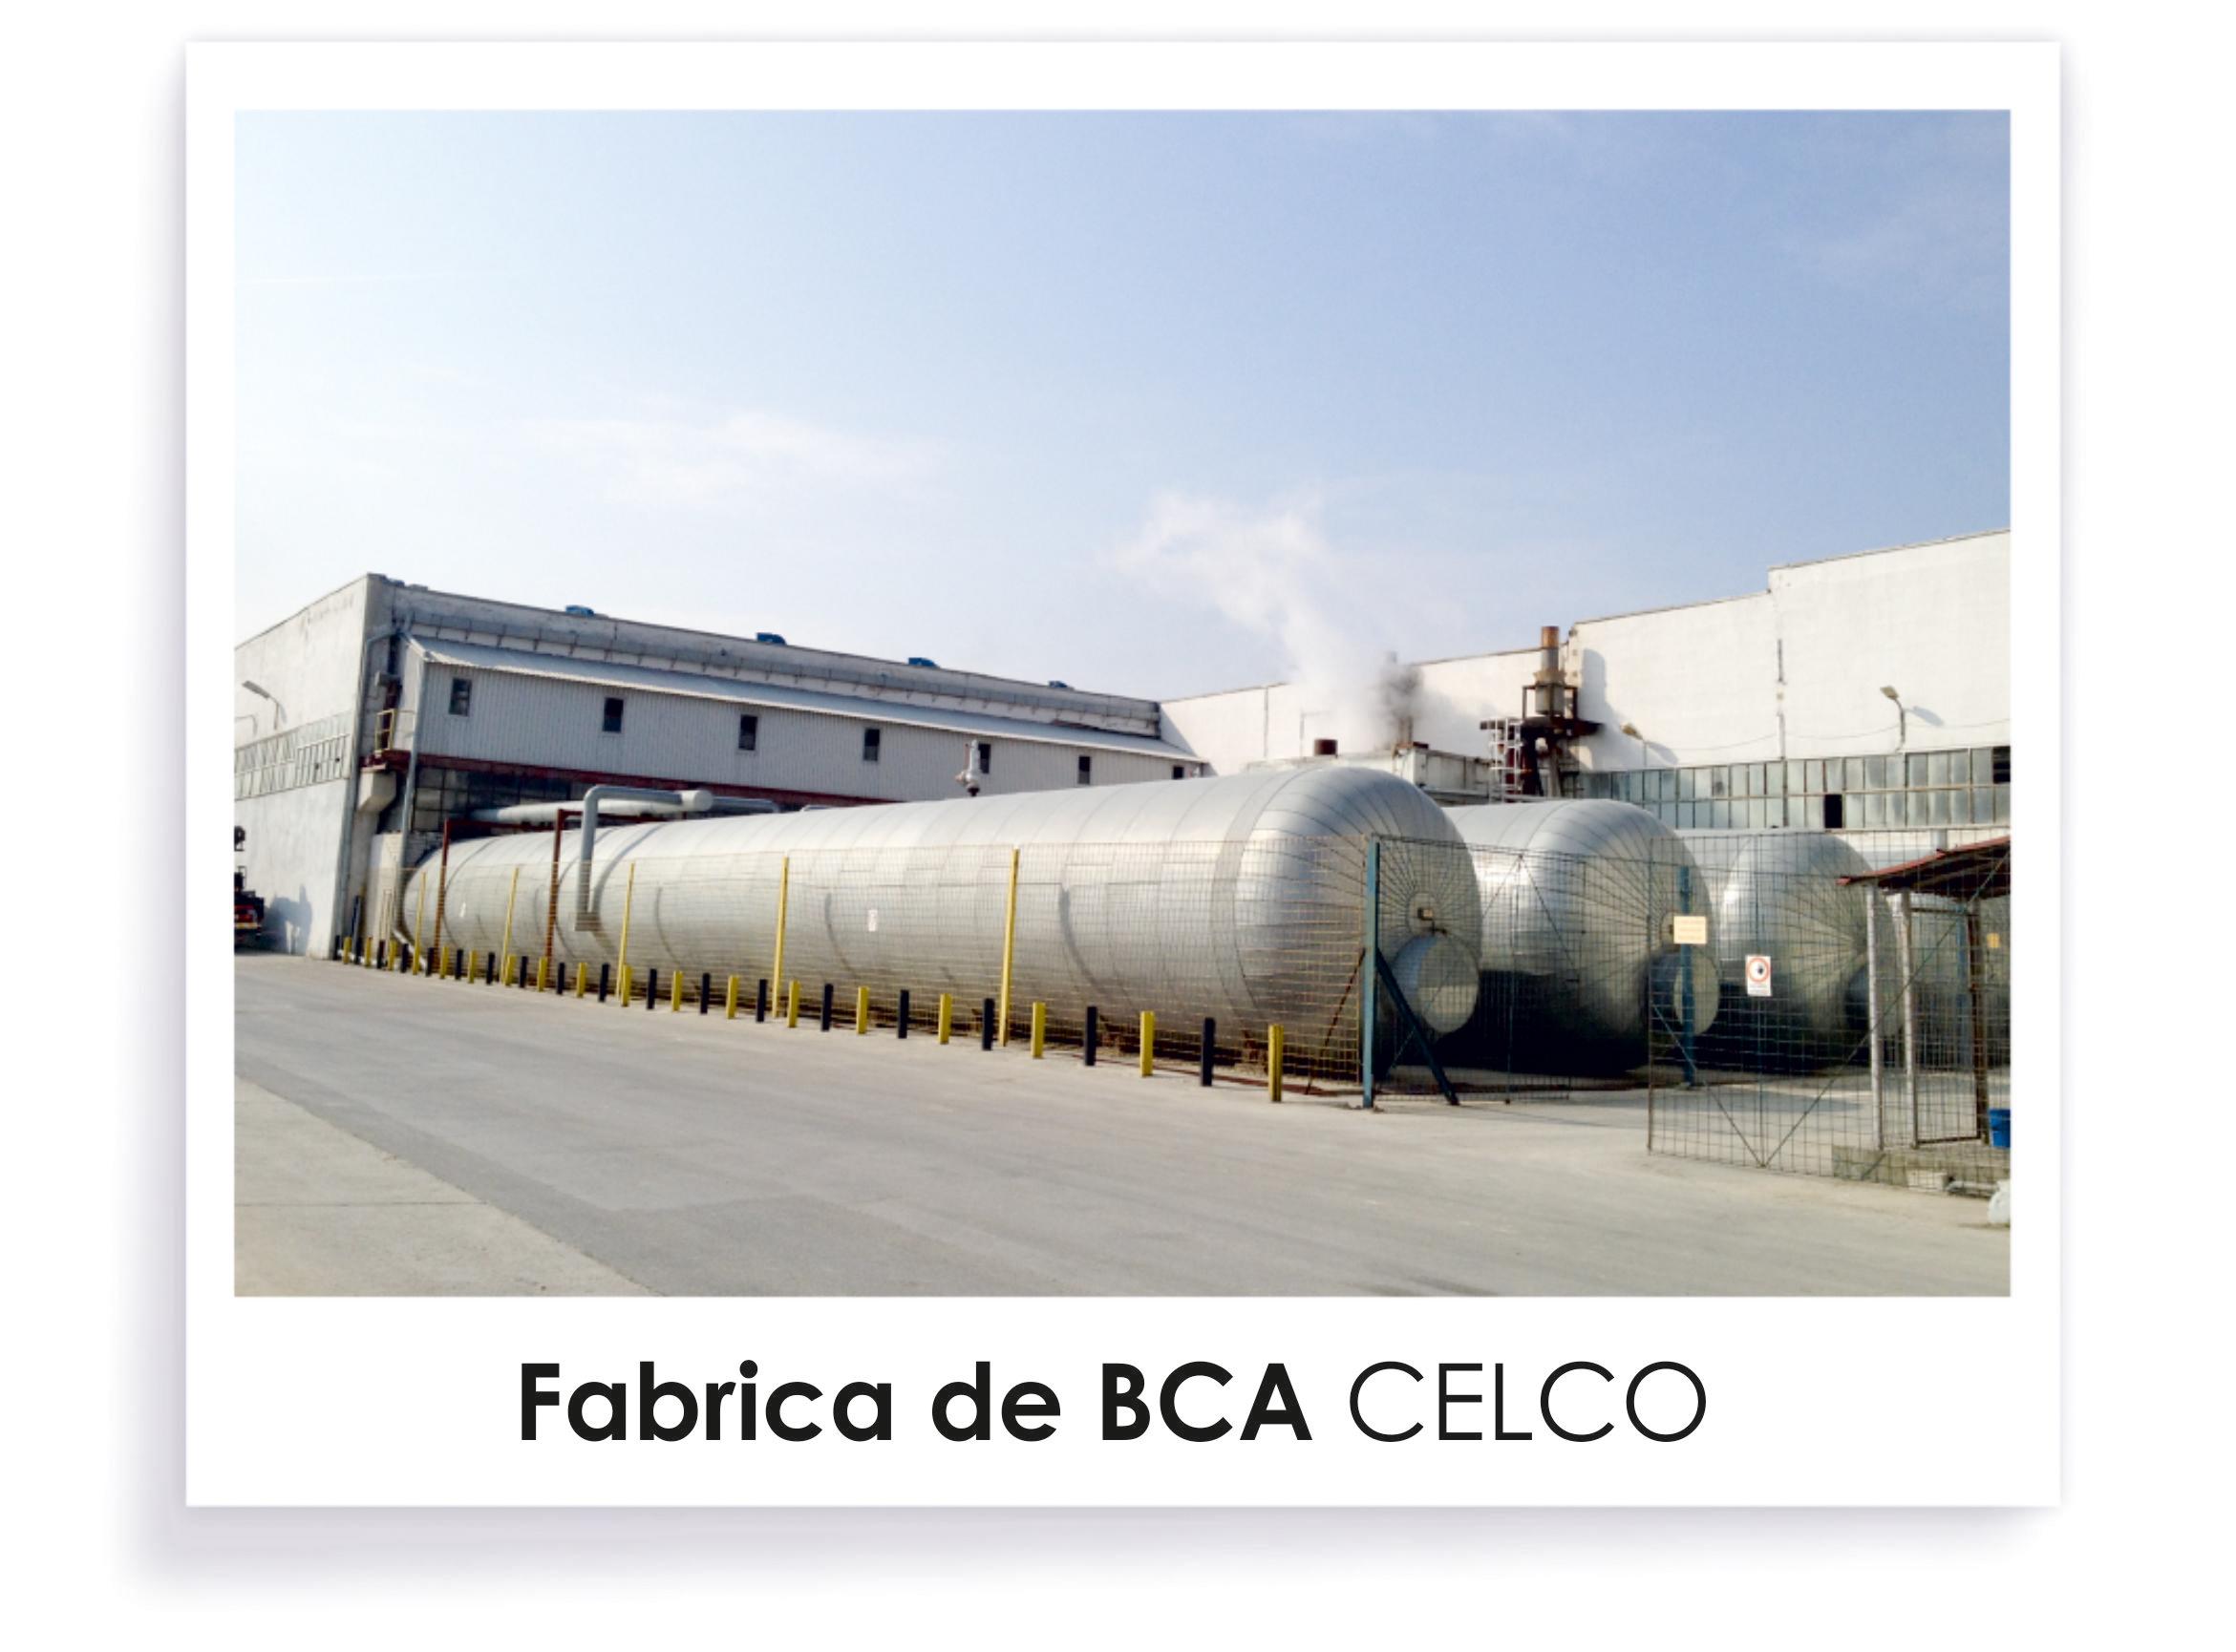 Fabrica de BCA - Prezentare CELCO